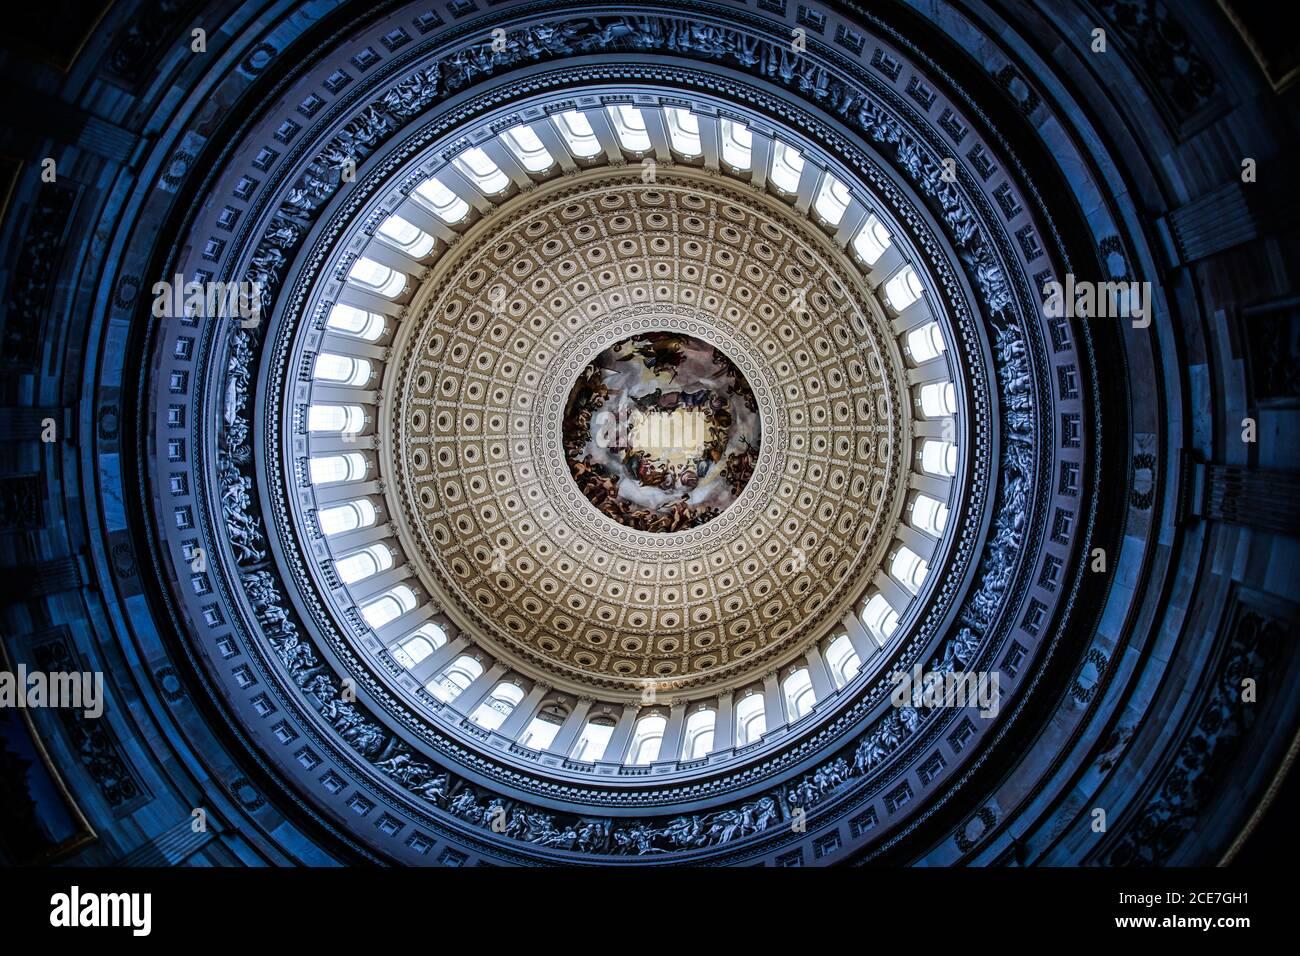 Peinture au plafond du Capitole des États-Unis (Capitole des États-Unis) Banque D'Images